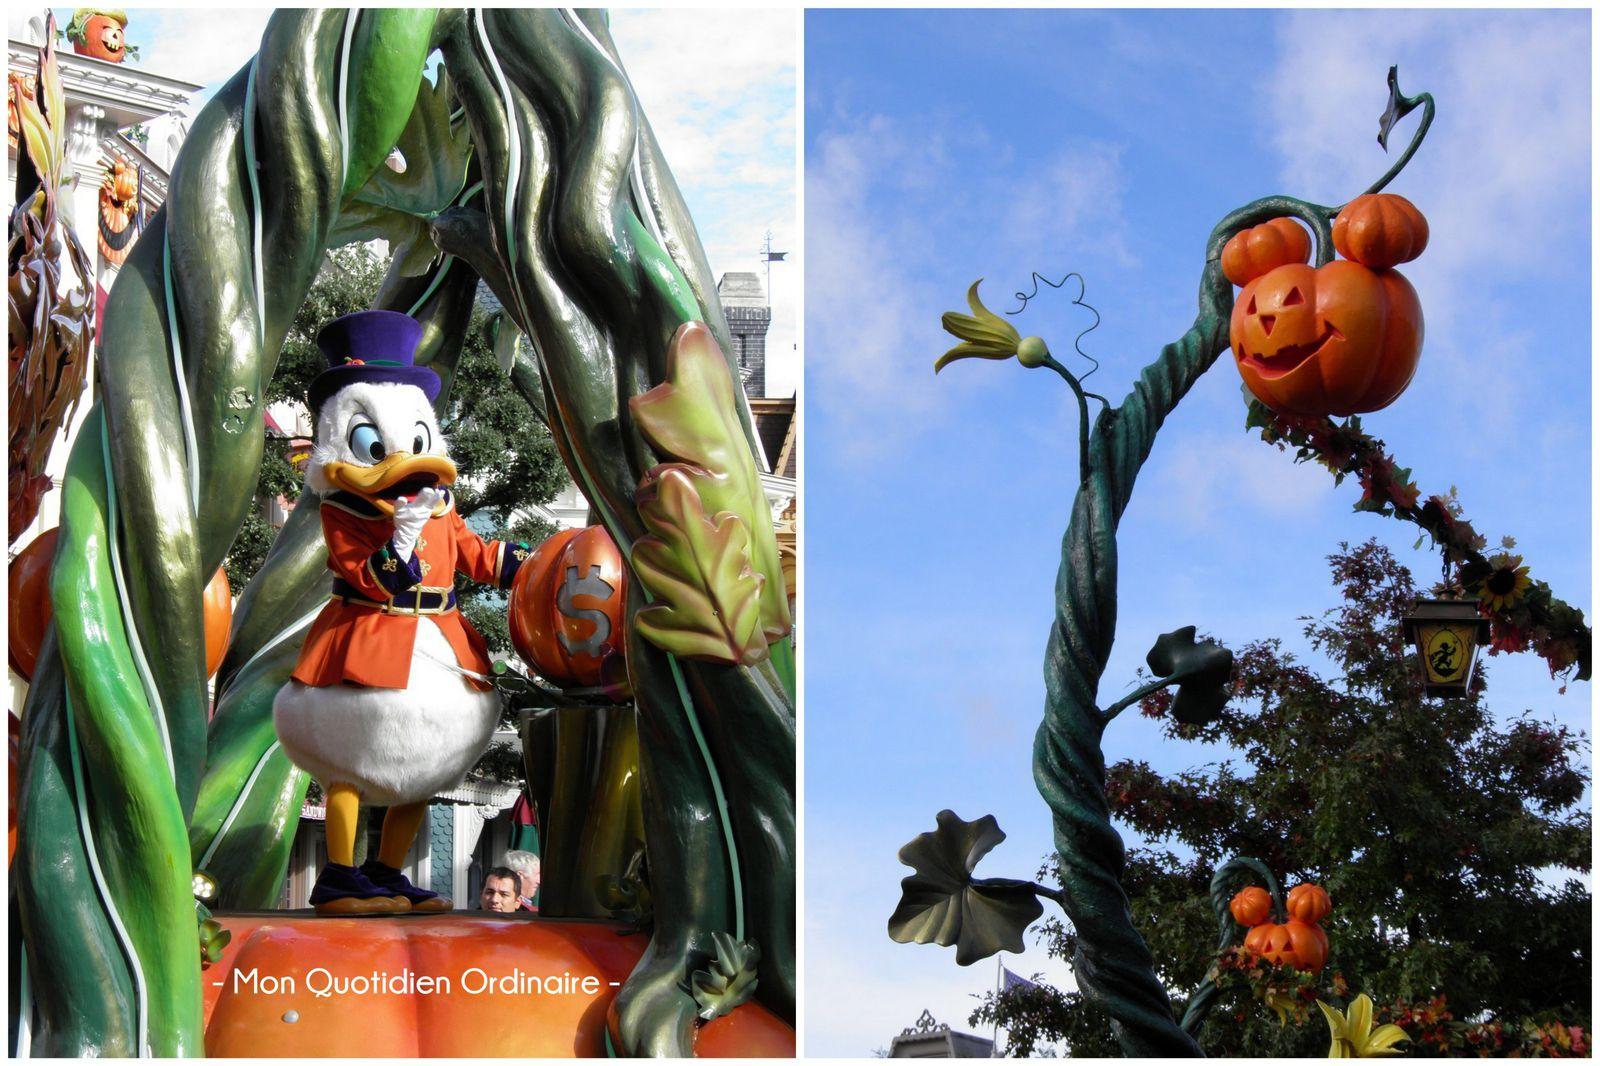 La magie de Disneyland pour Halloween